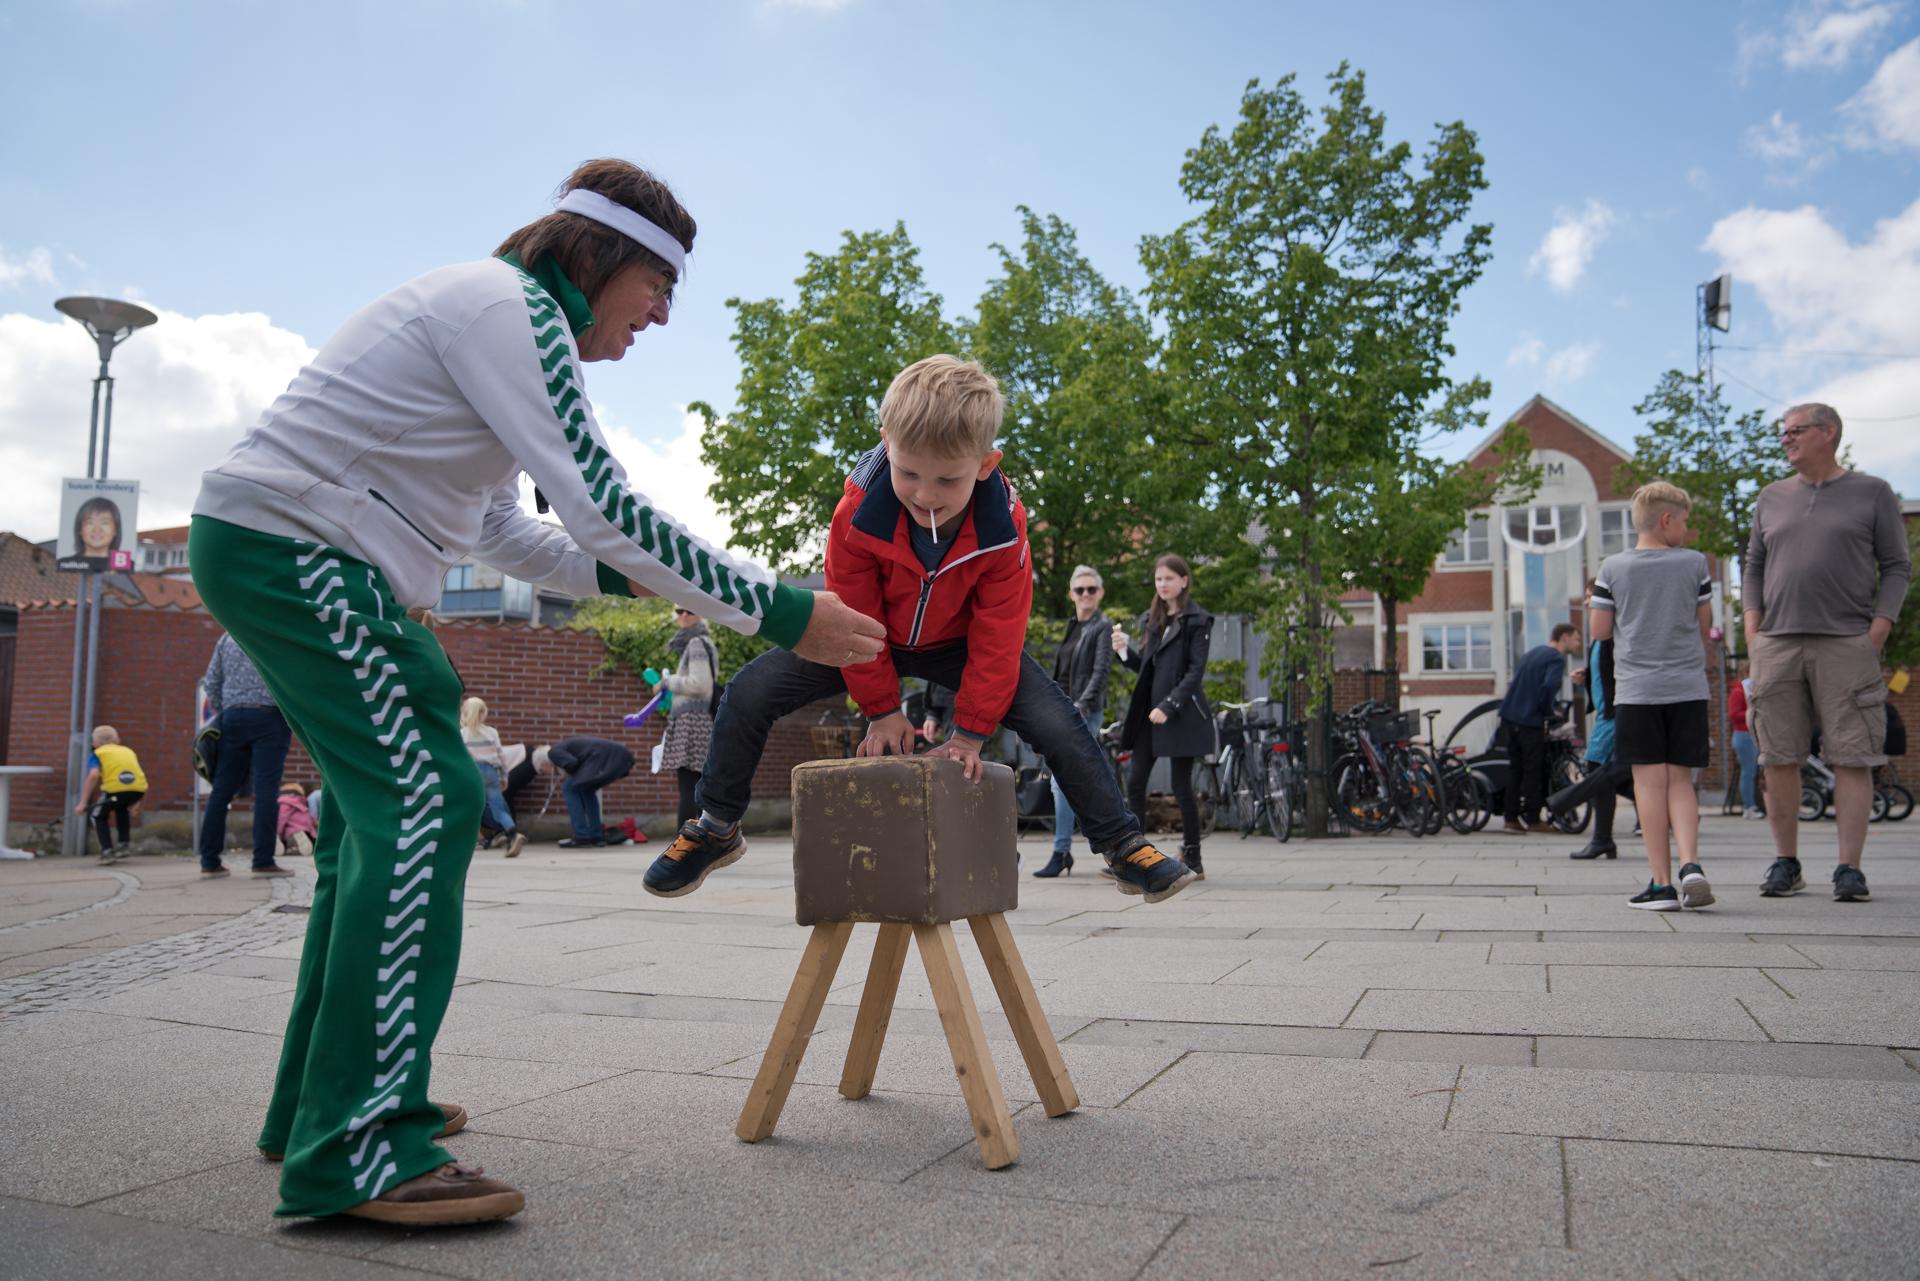 Sløngeldage lørdag - web - Fotograf Per Bille-20190525-00450.jpg